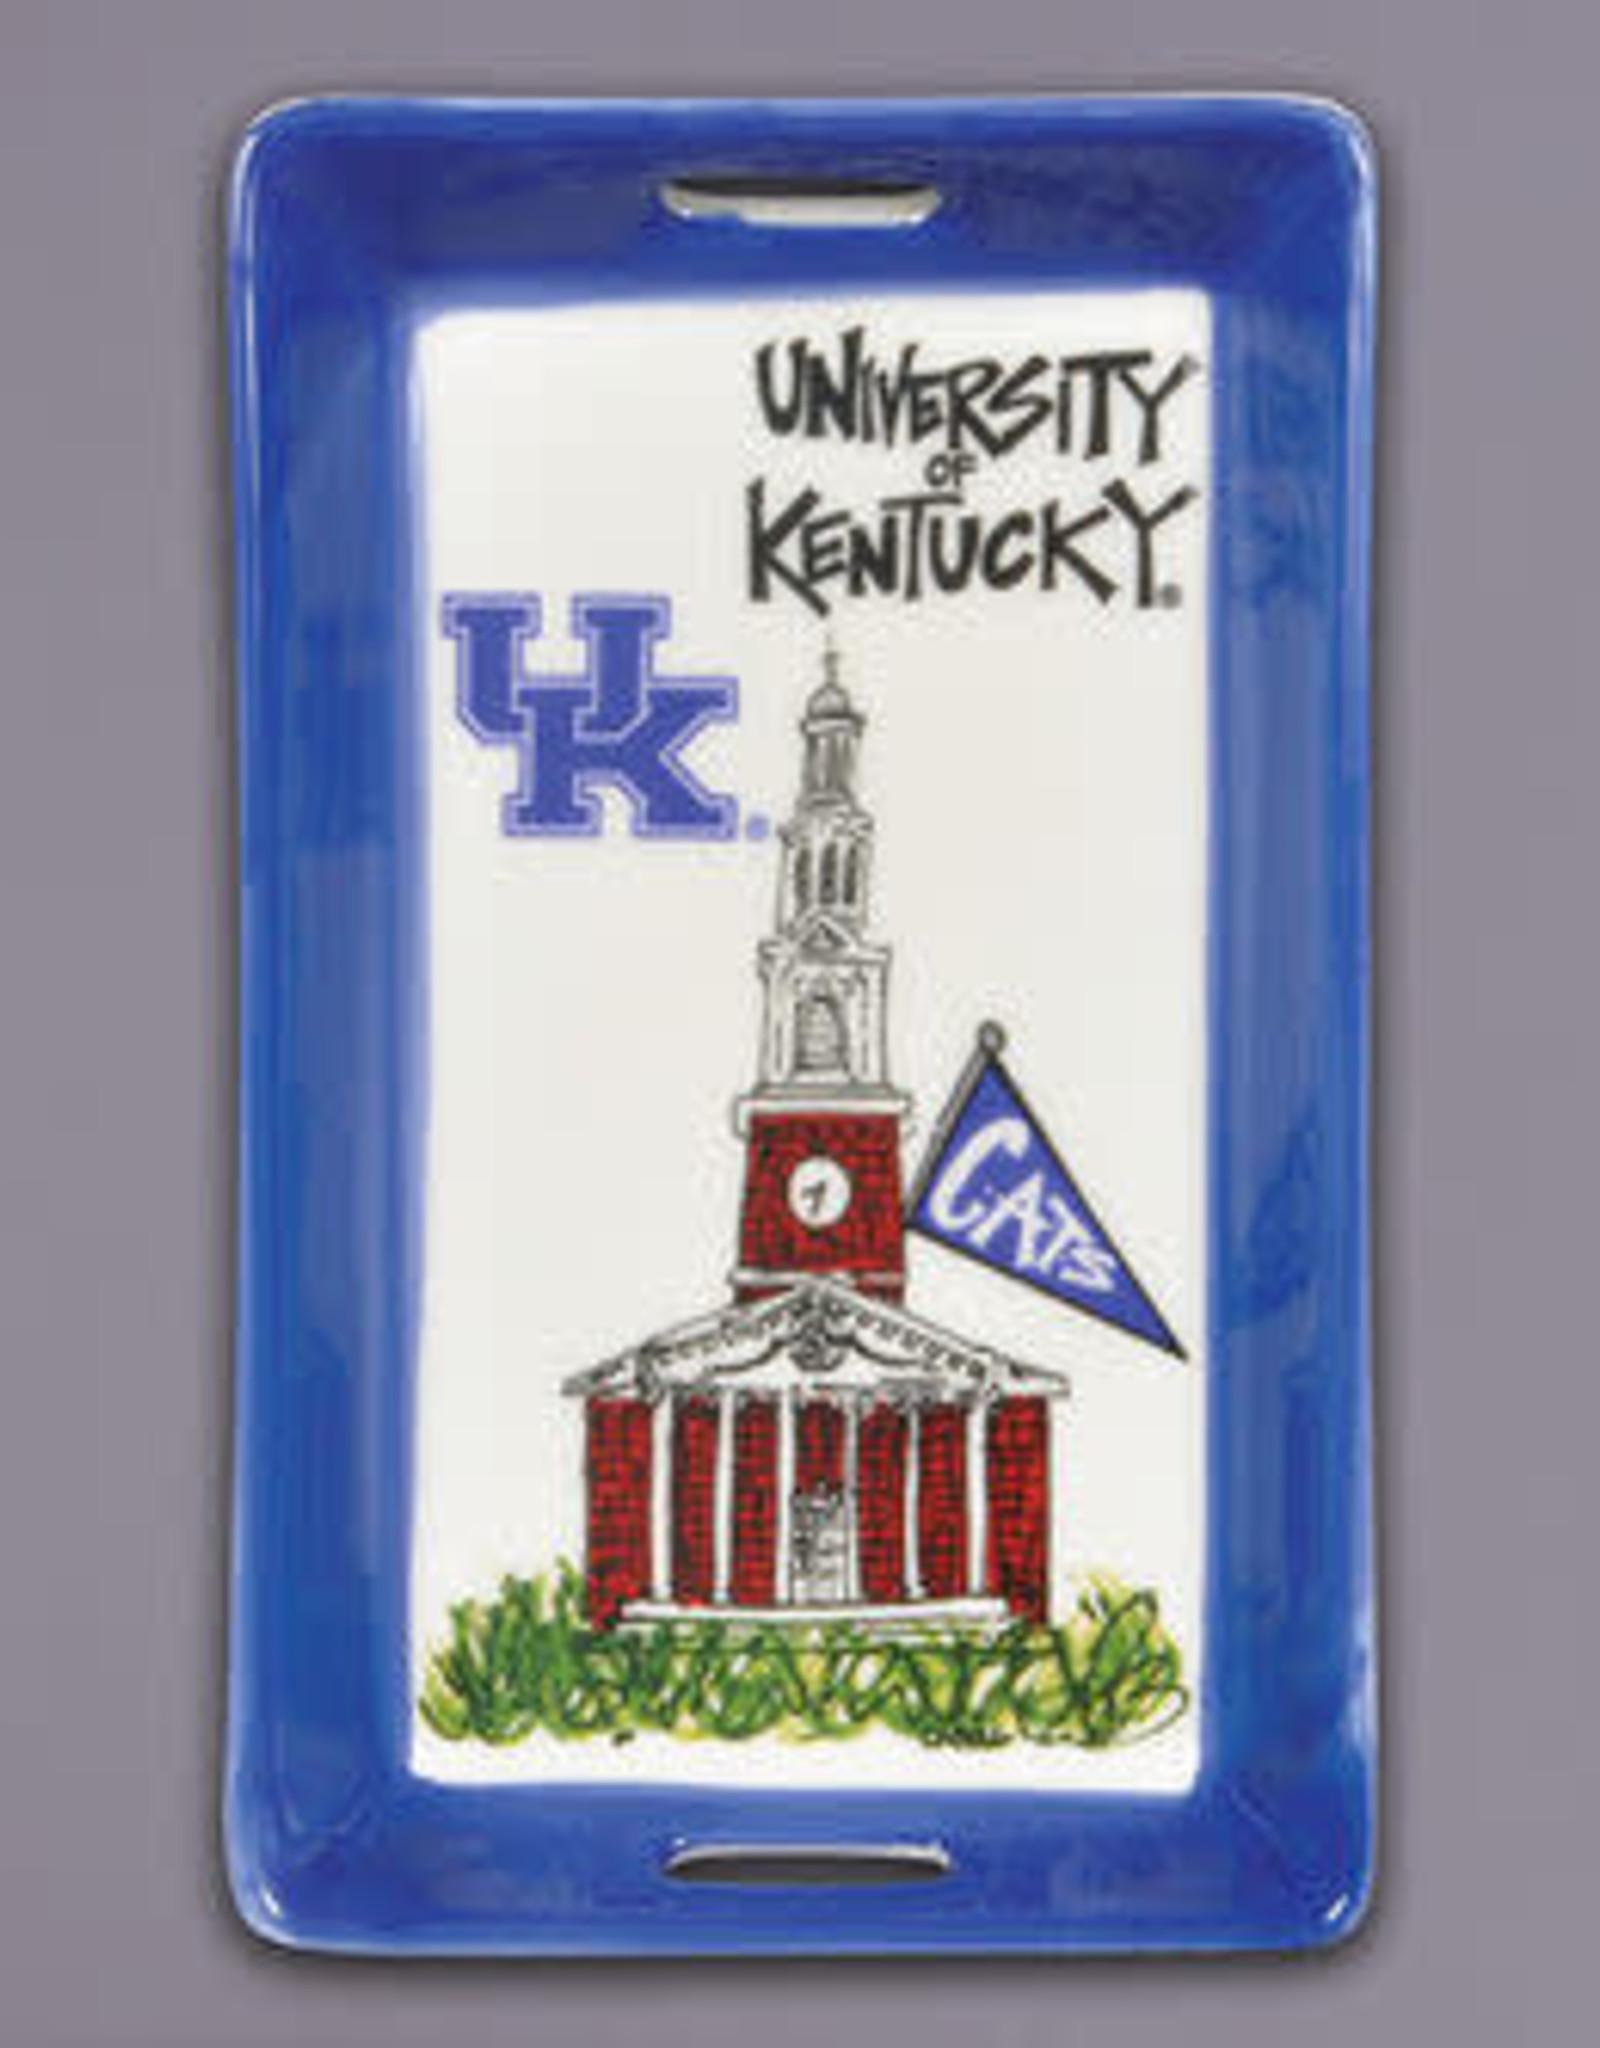 Kentucky Wildcats Mini Cermaic Tray